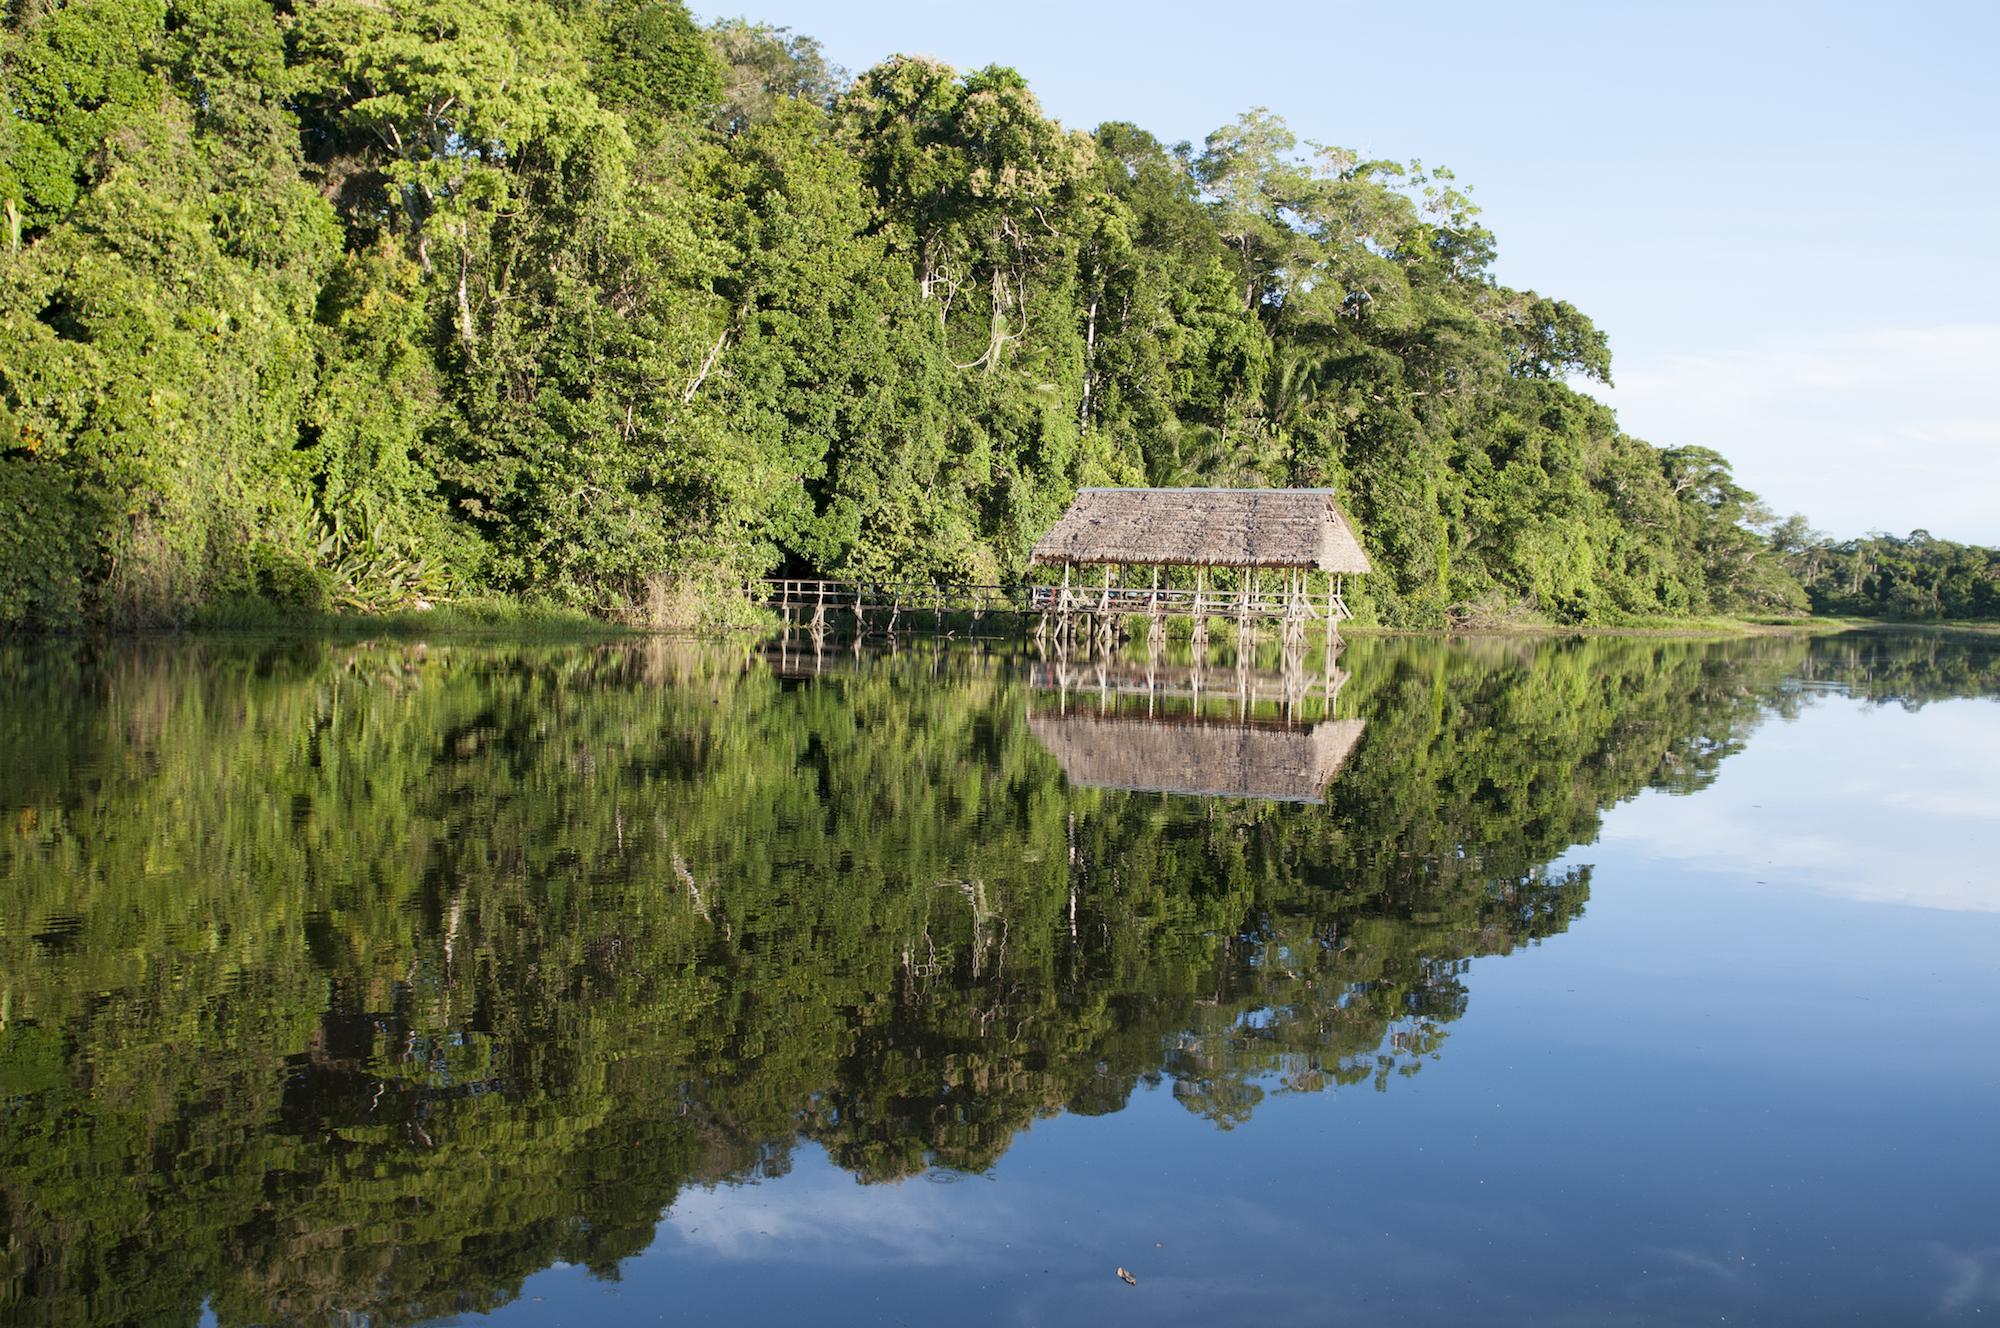 La Reserva Comunal Amarakaeri está amenazada por el avance de la minería ilegal. Foto: Iñigo Maneiro.